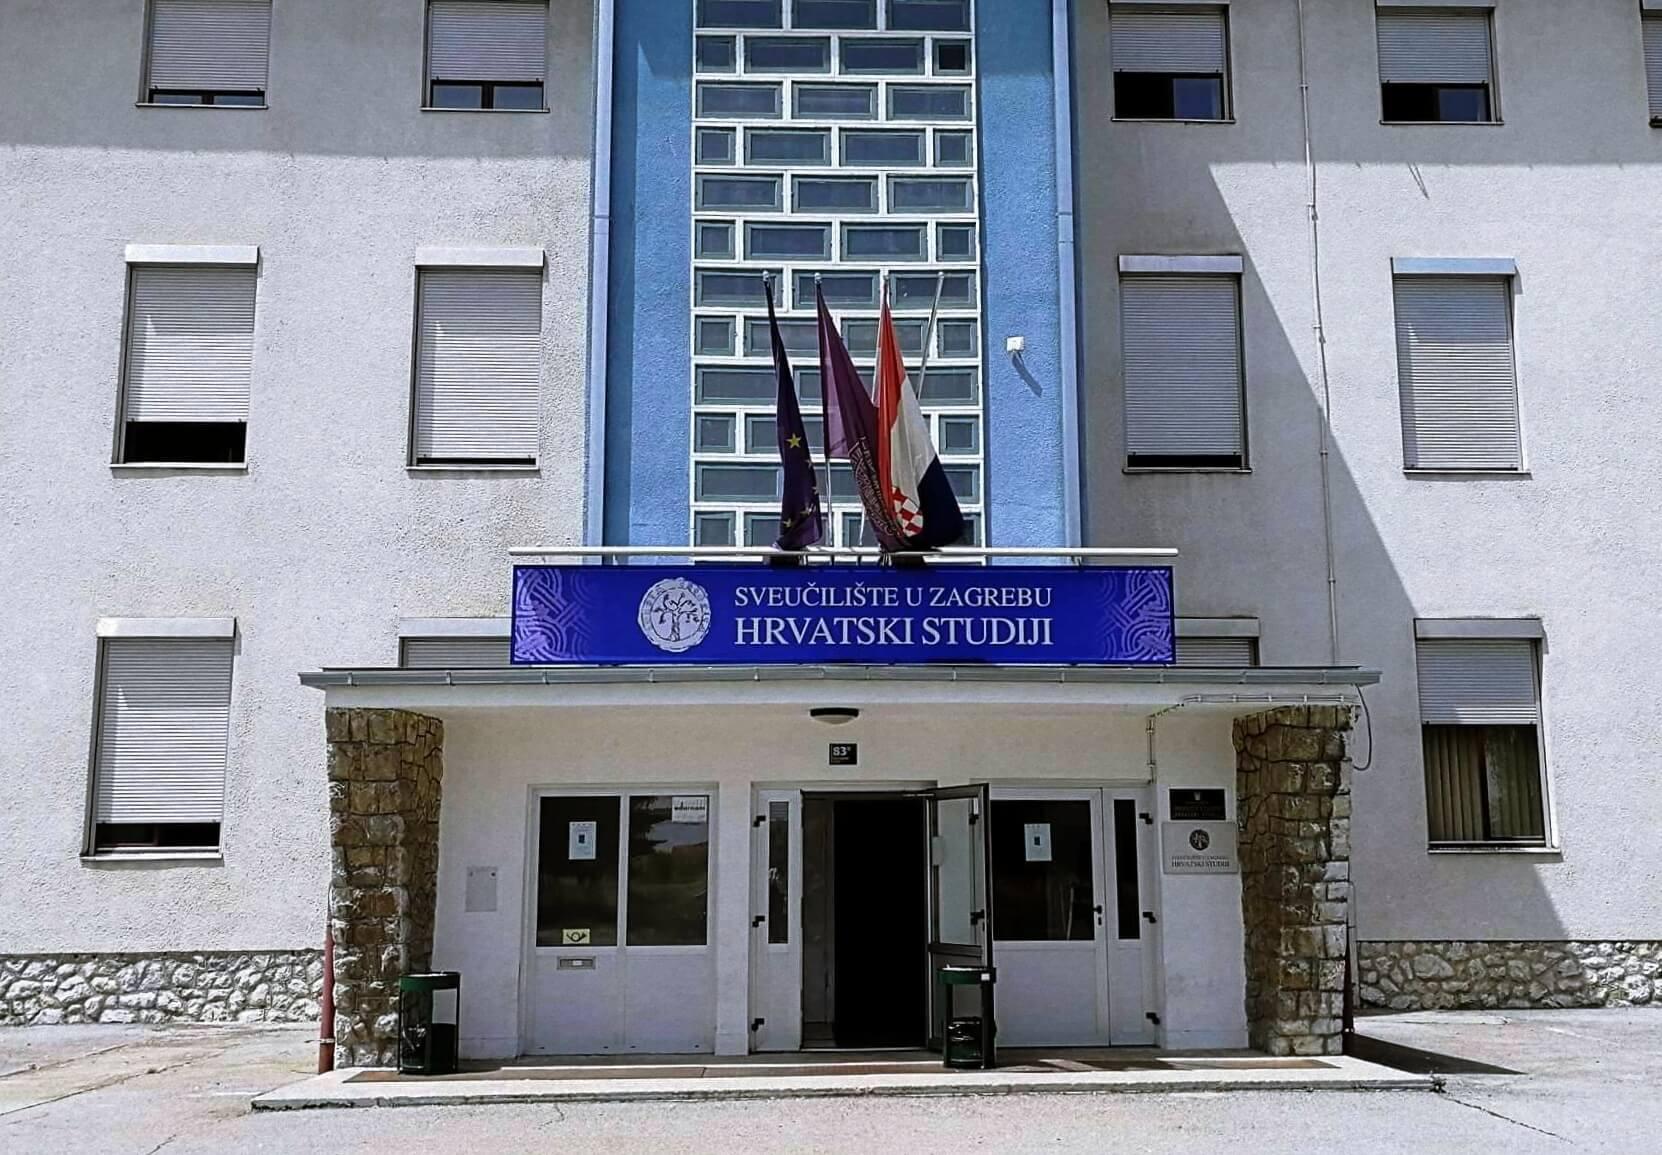 Nakon pritiska studenata, Hrvatski studiji odlučili da ipak prelaze na online nastavu